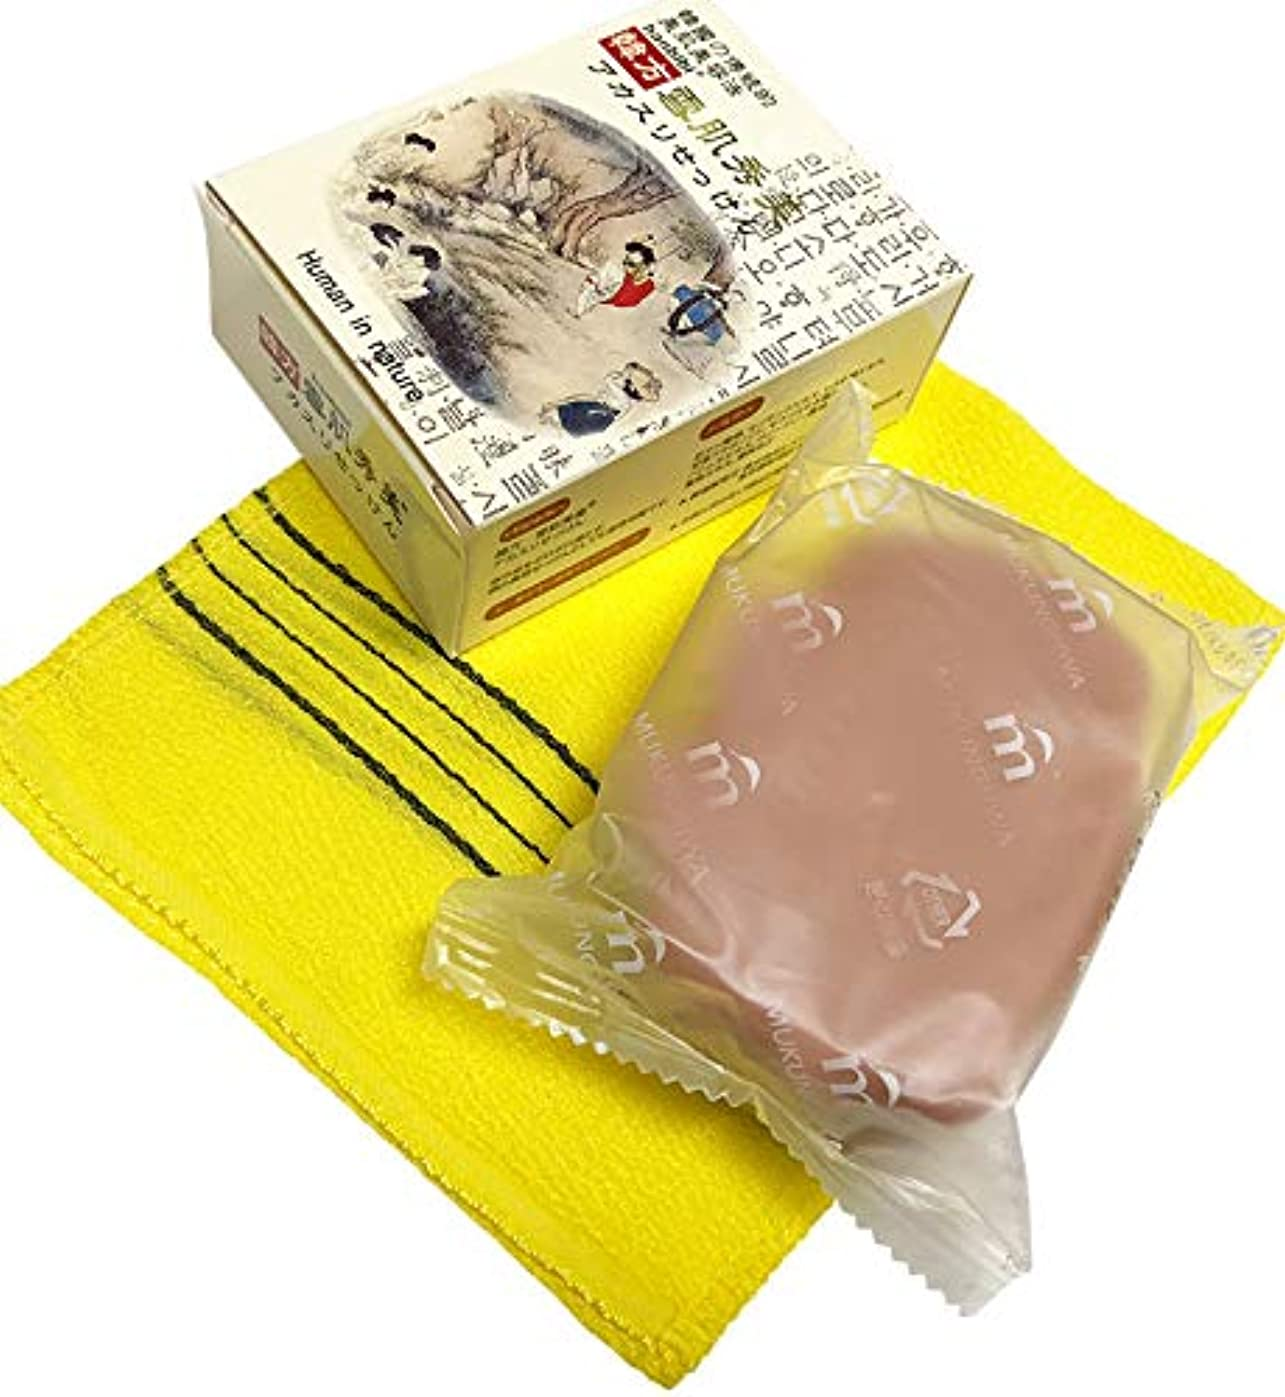 仲間放つ豊富人気の顔、体兼用、蜂蜜香りの韓方石ケン、韓国コスメ 韓方[雪肌美]蜂蜜アカスリせっけん アカスリ専用タオル付き